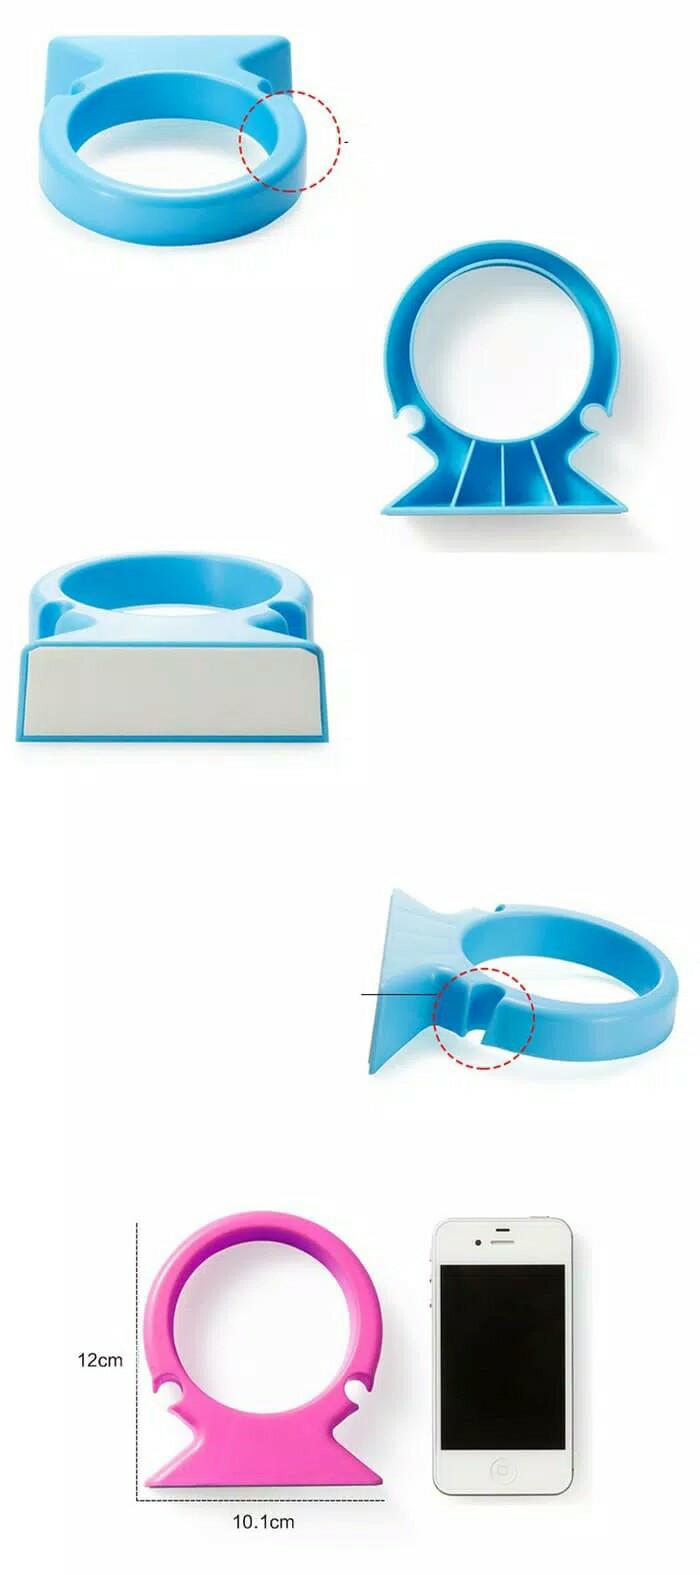 Jual Beli Hair Dryer Rack Holder Gantungan Rak Tempat Pengering Rambut Aqua